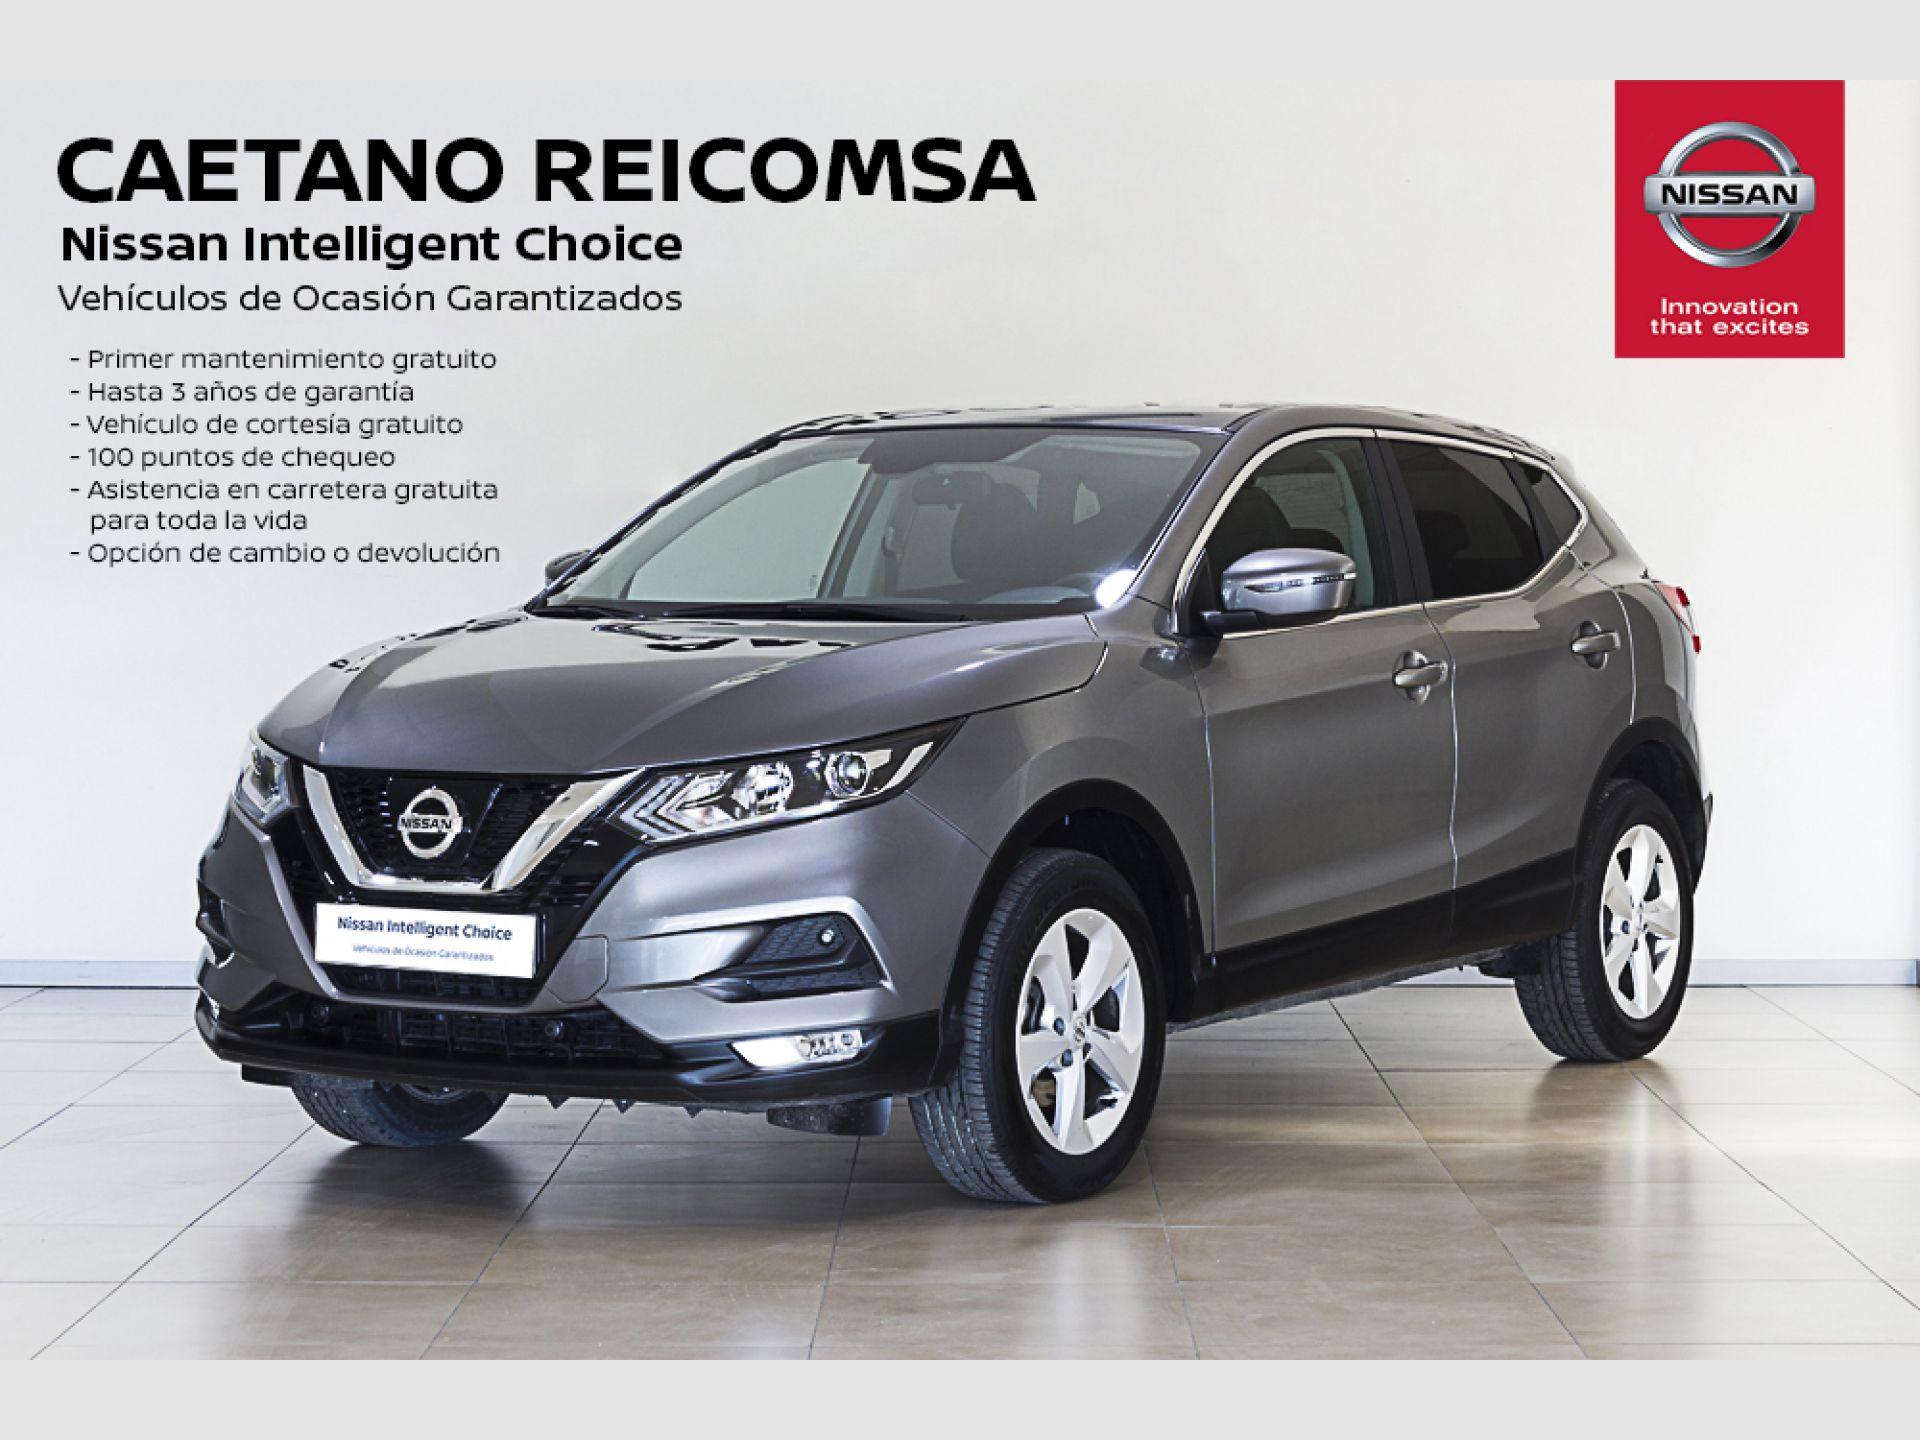 Nissan Qashqai DIG-T 85 kW (115 CV) XTRONIC ACENTA segunda mano Madrid